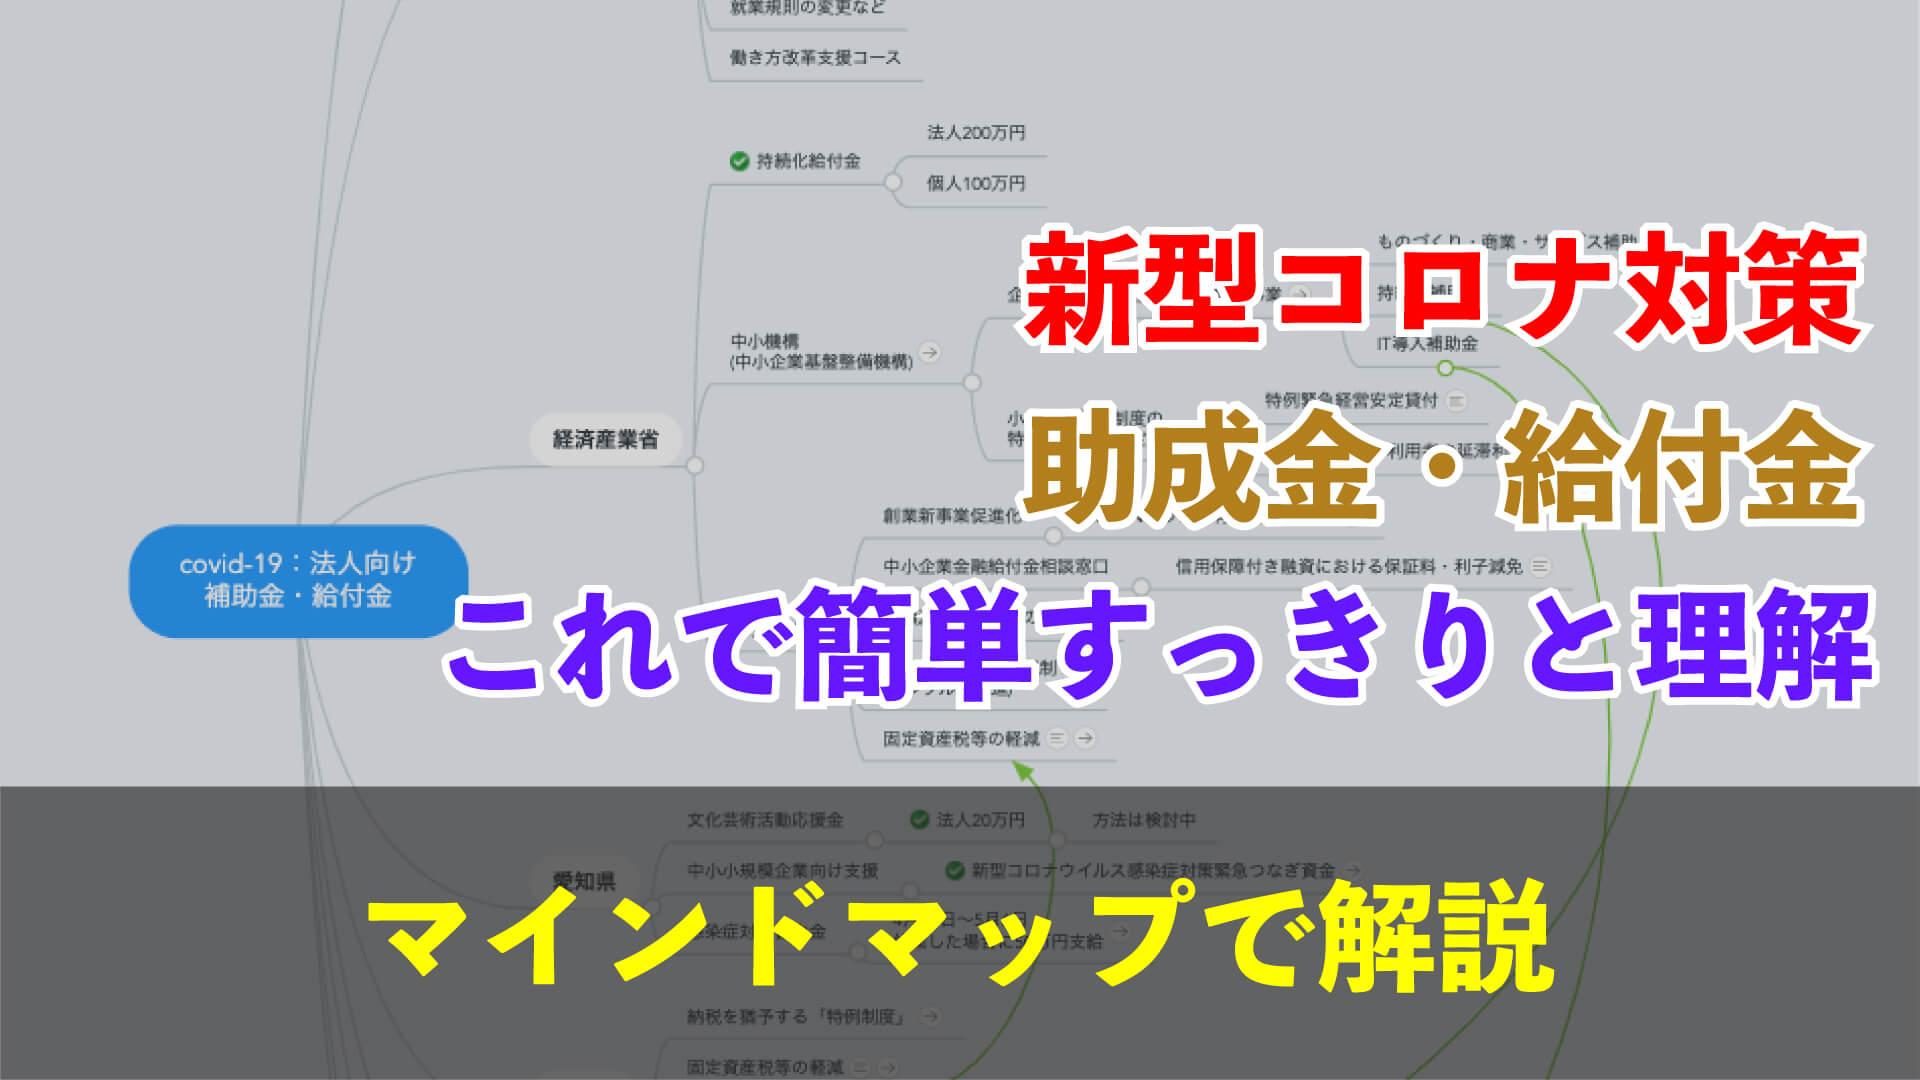 【新型コロナ】給付金・助成金のマインドマップ【covid-19】_thumbnail